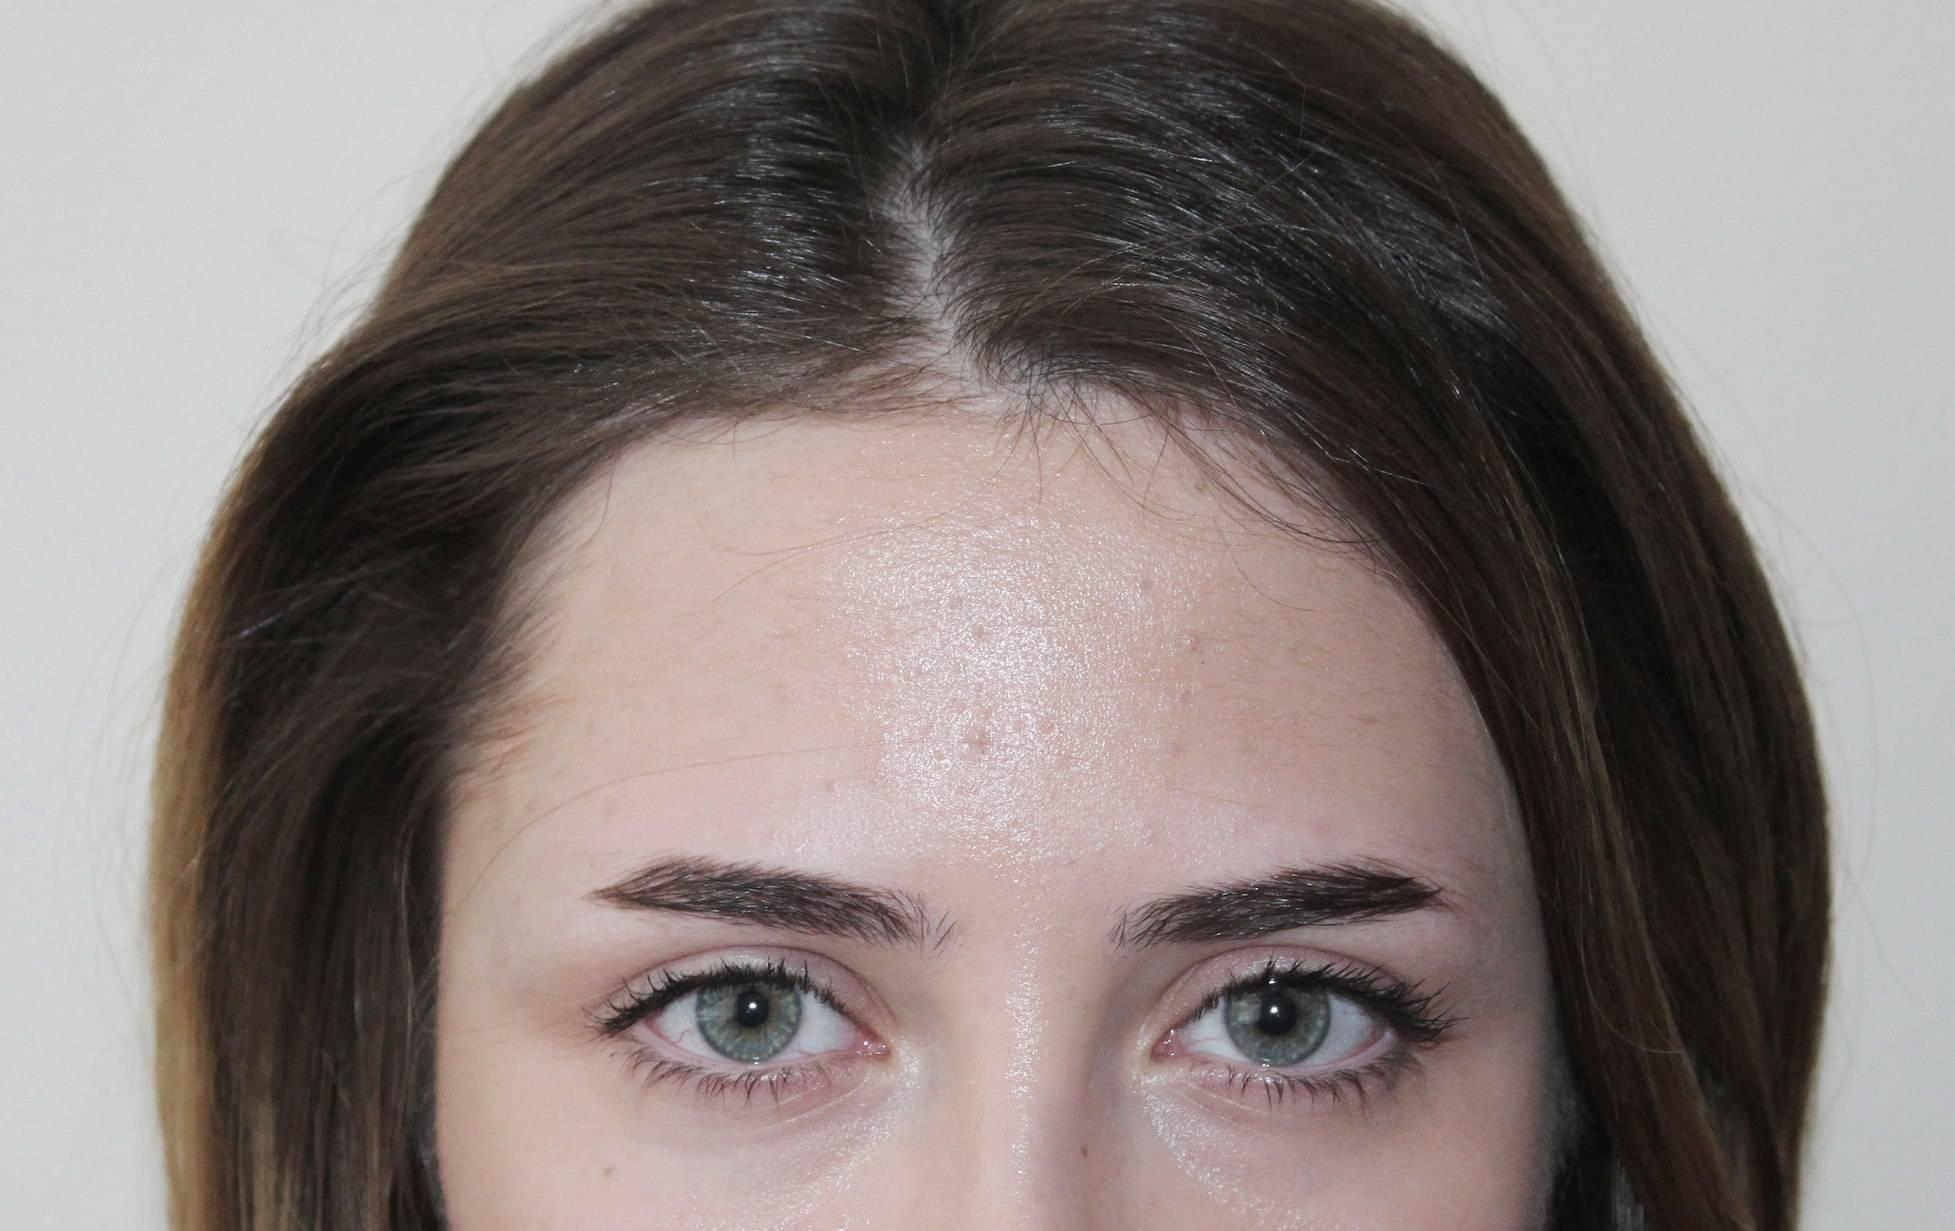 Наращенные брови — кому стоит присмотреться к данной процедуре?